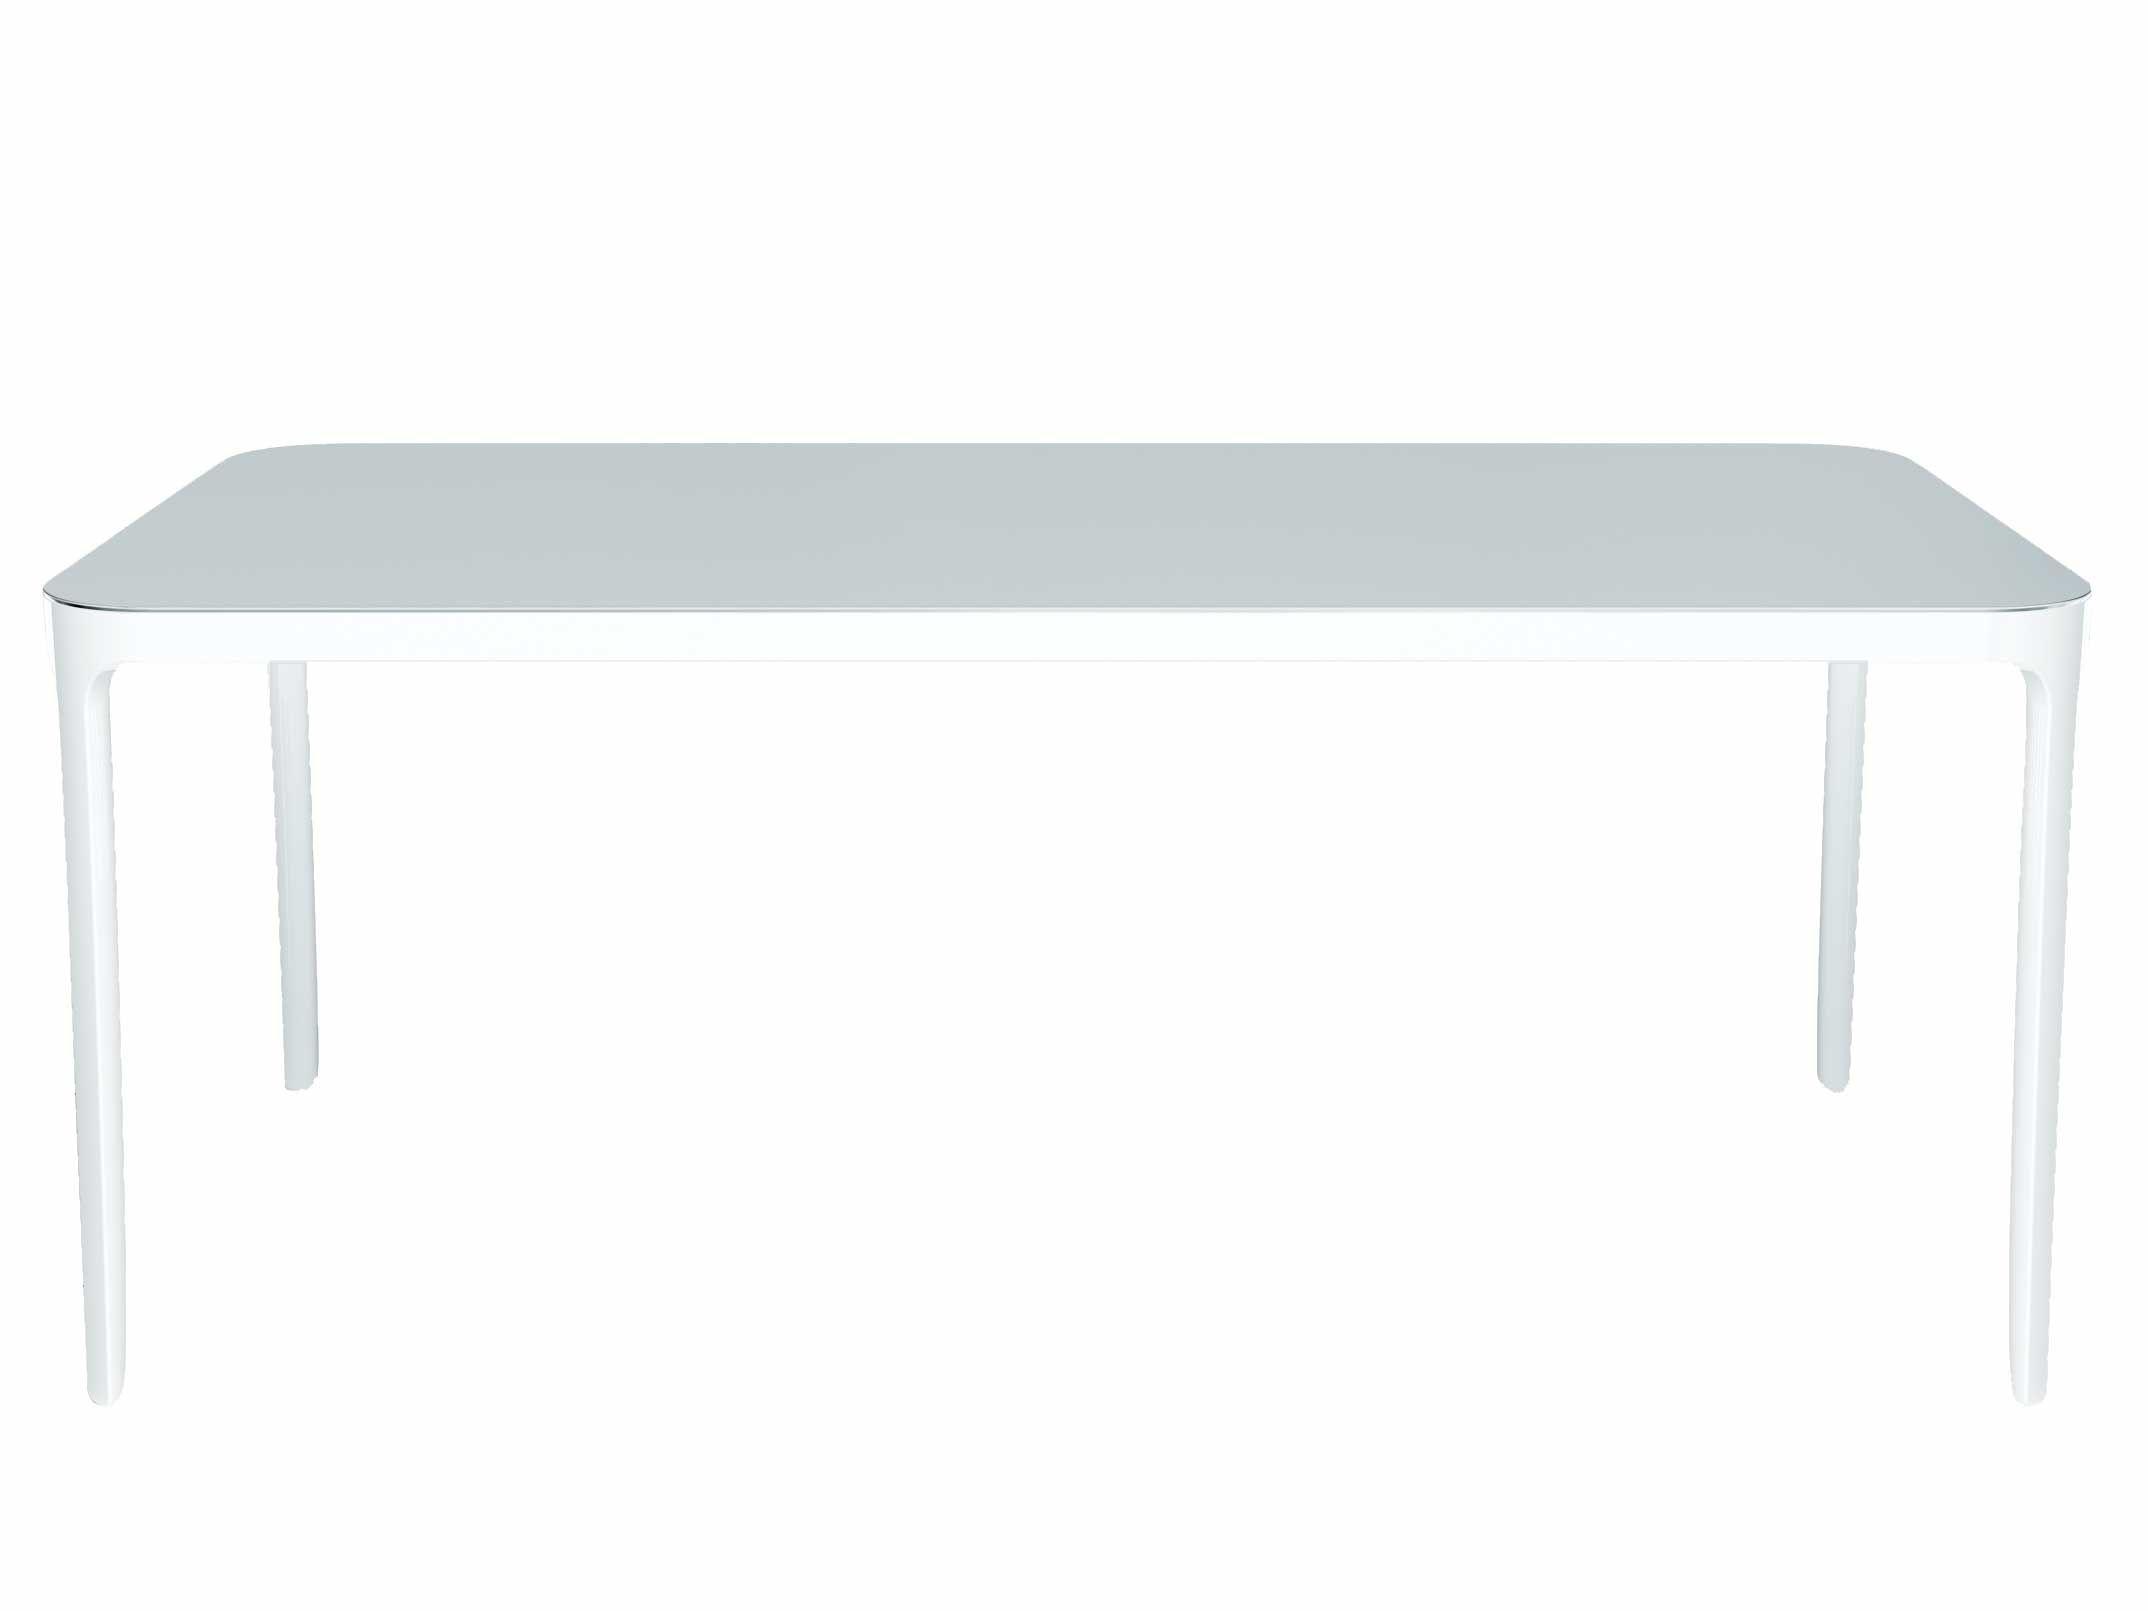 Rentrée 2011 UK - Bureau design - Table rectangulaire Vanity / 140 x 80 cm - Magis - Blanc  - 140 x 80 cm - Aluminium verni, Verre verni